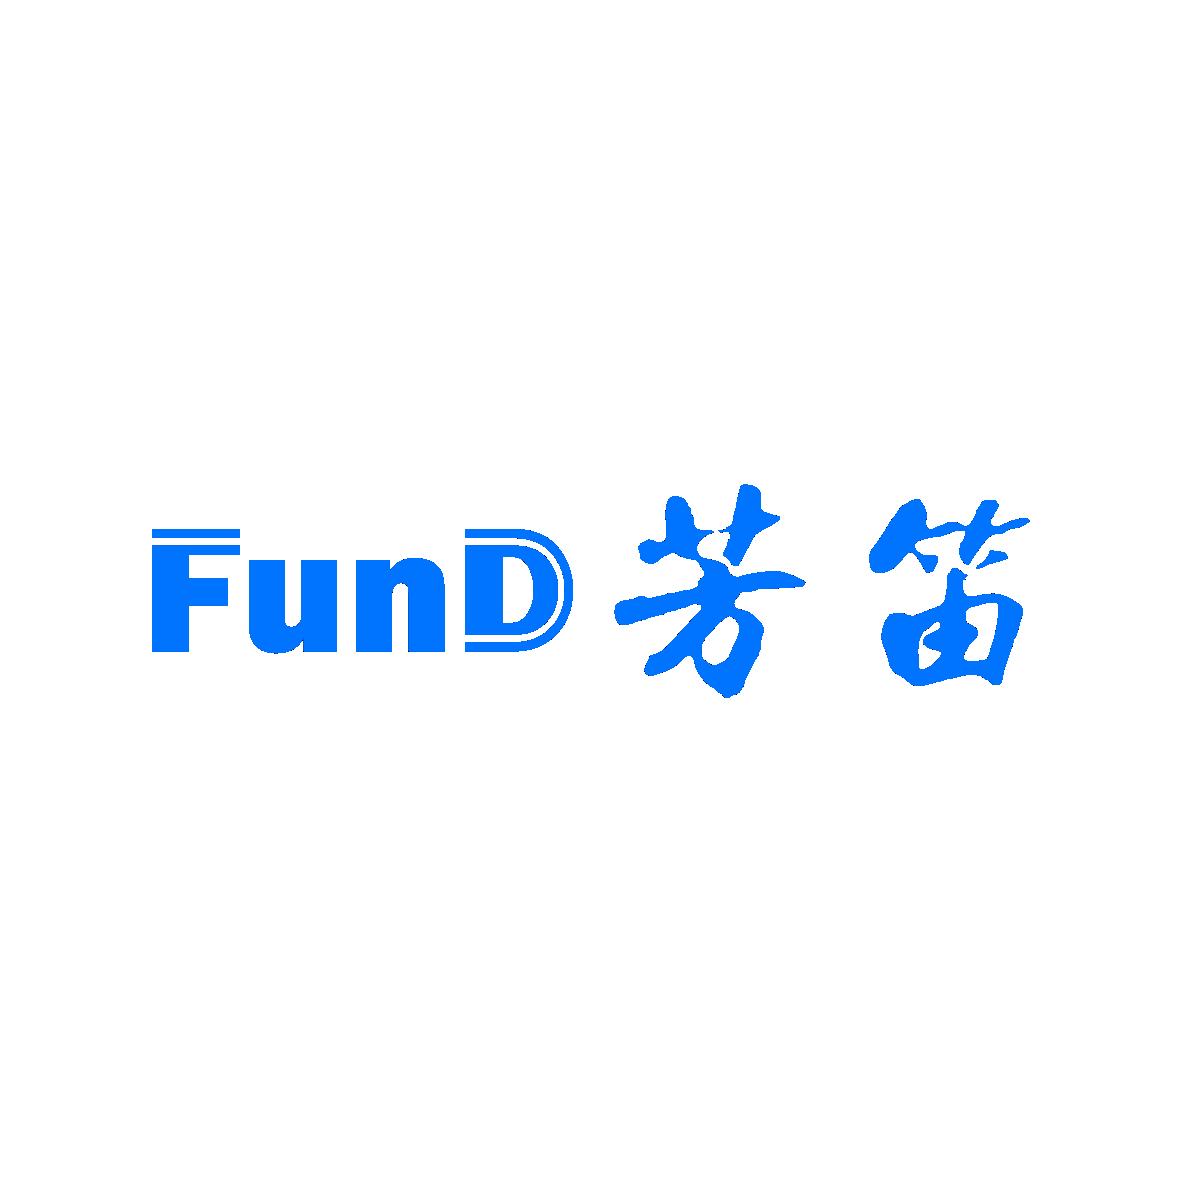 武汉芳笛环保股份有限公司